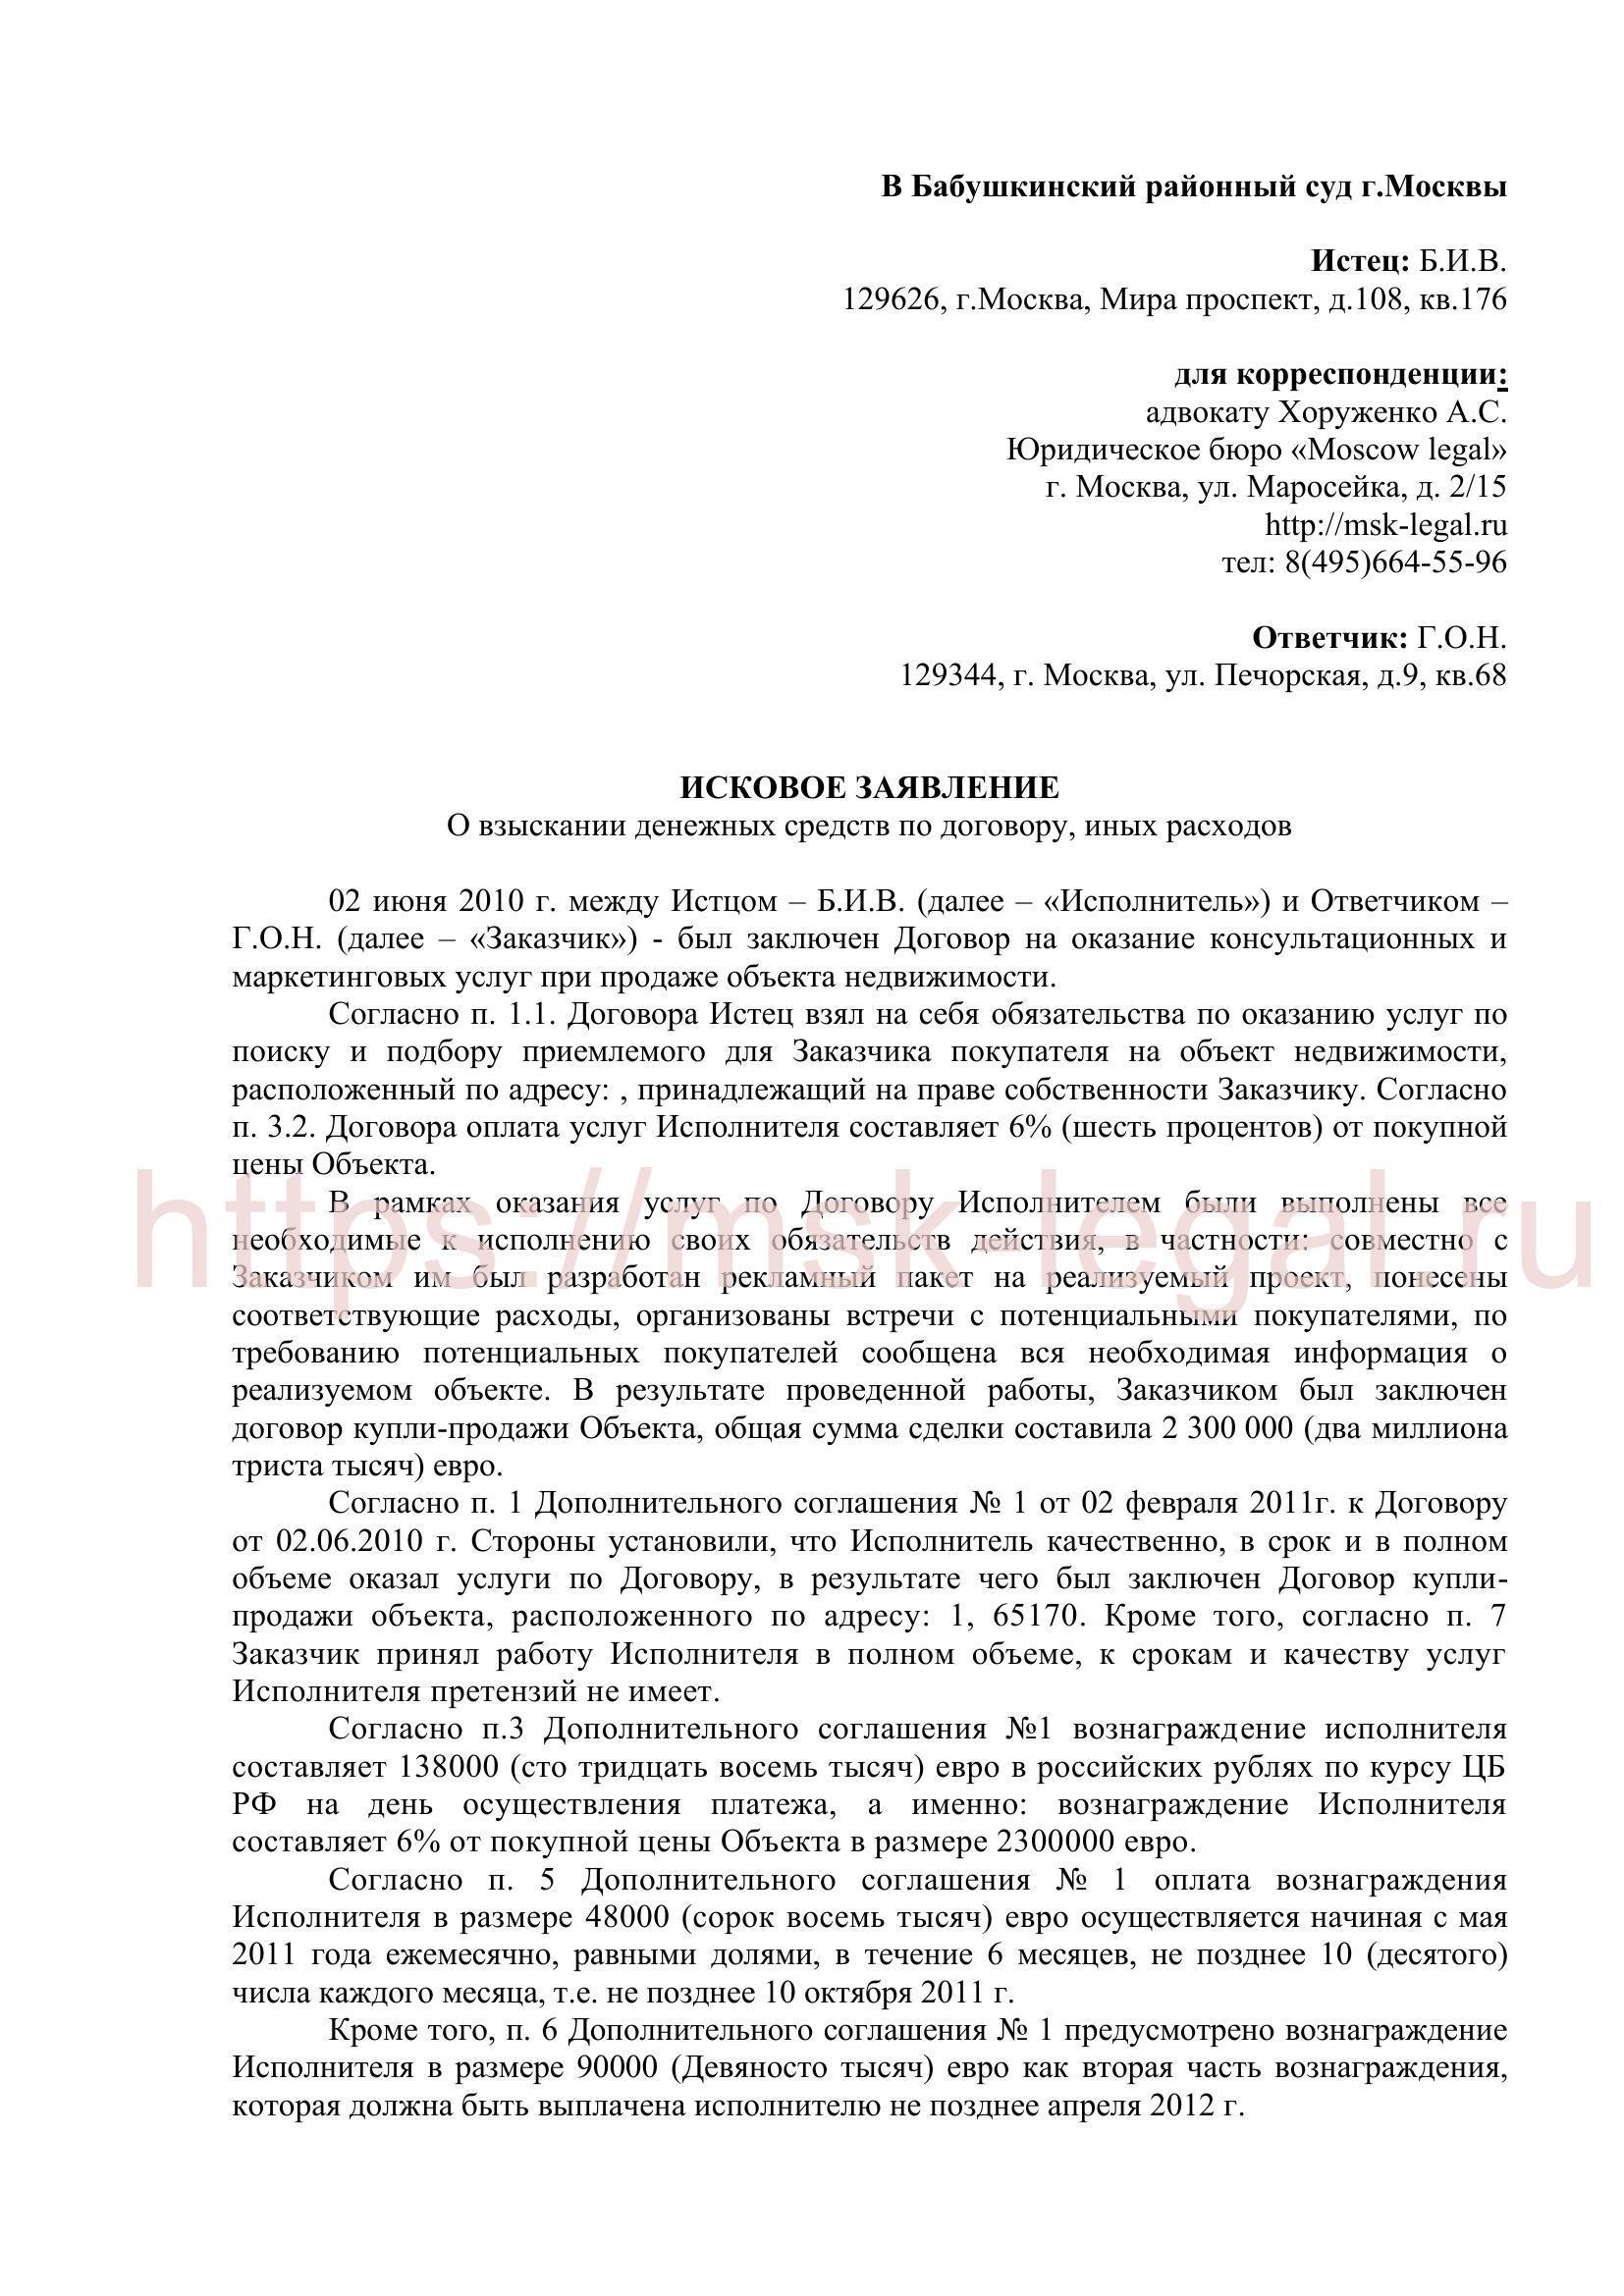 Иск о взыскании денежных средств по договору на оказание услуг